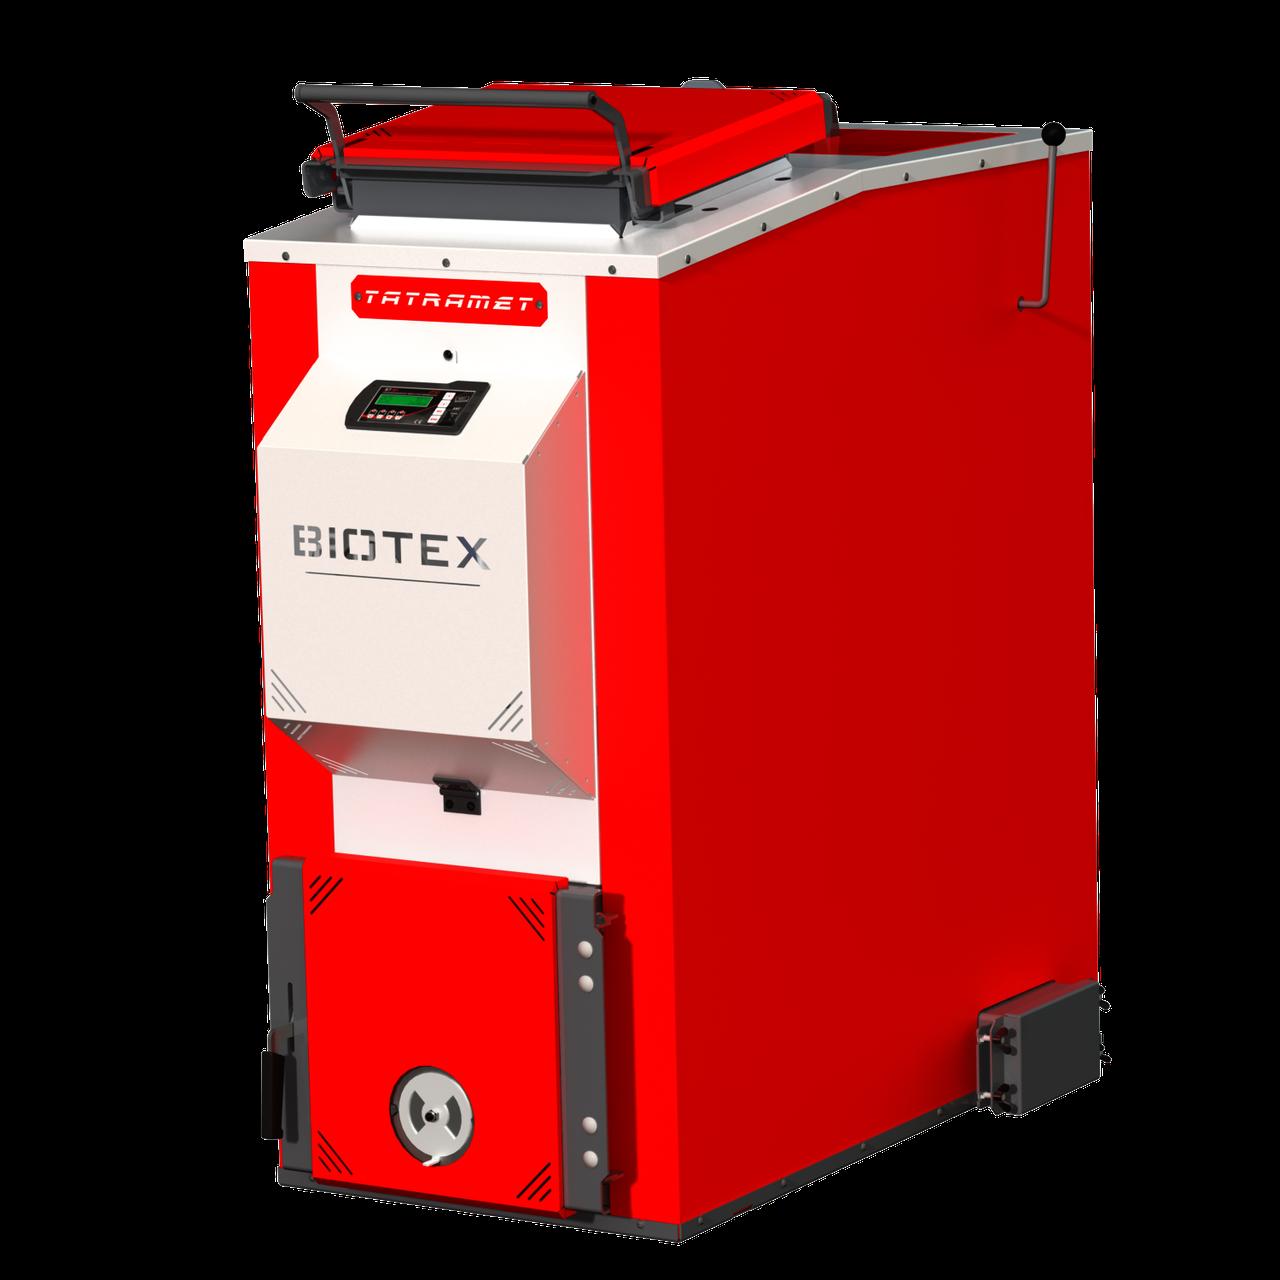 Котлы длительного нижнего горения с верхней загрузкой TATRAMET BIOTEX  (ТАТРАМЕТ БИОТЕКС) 50 кВт